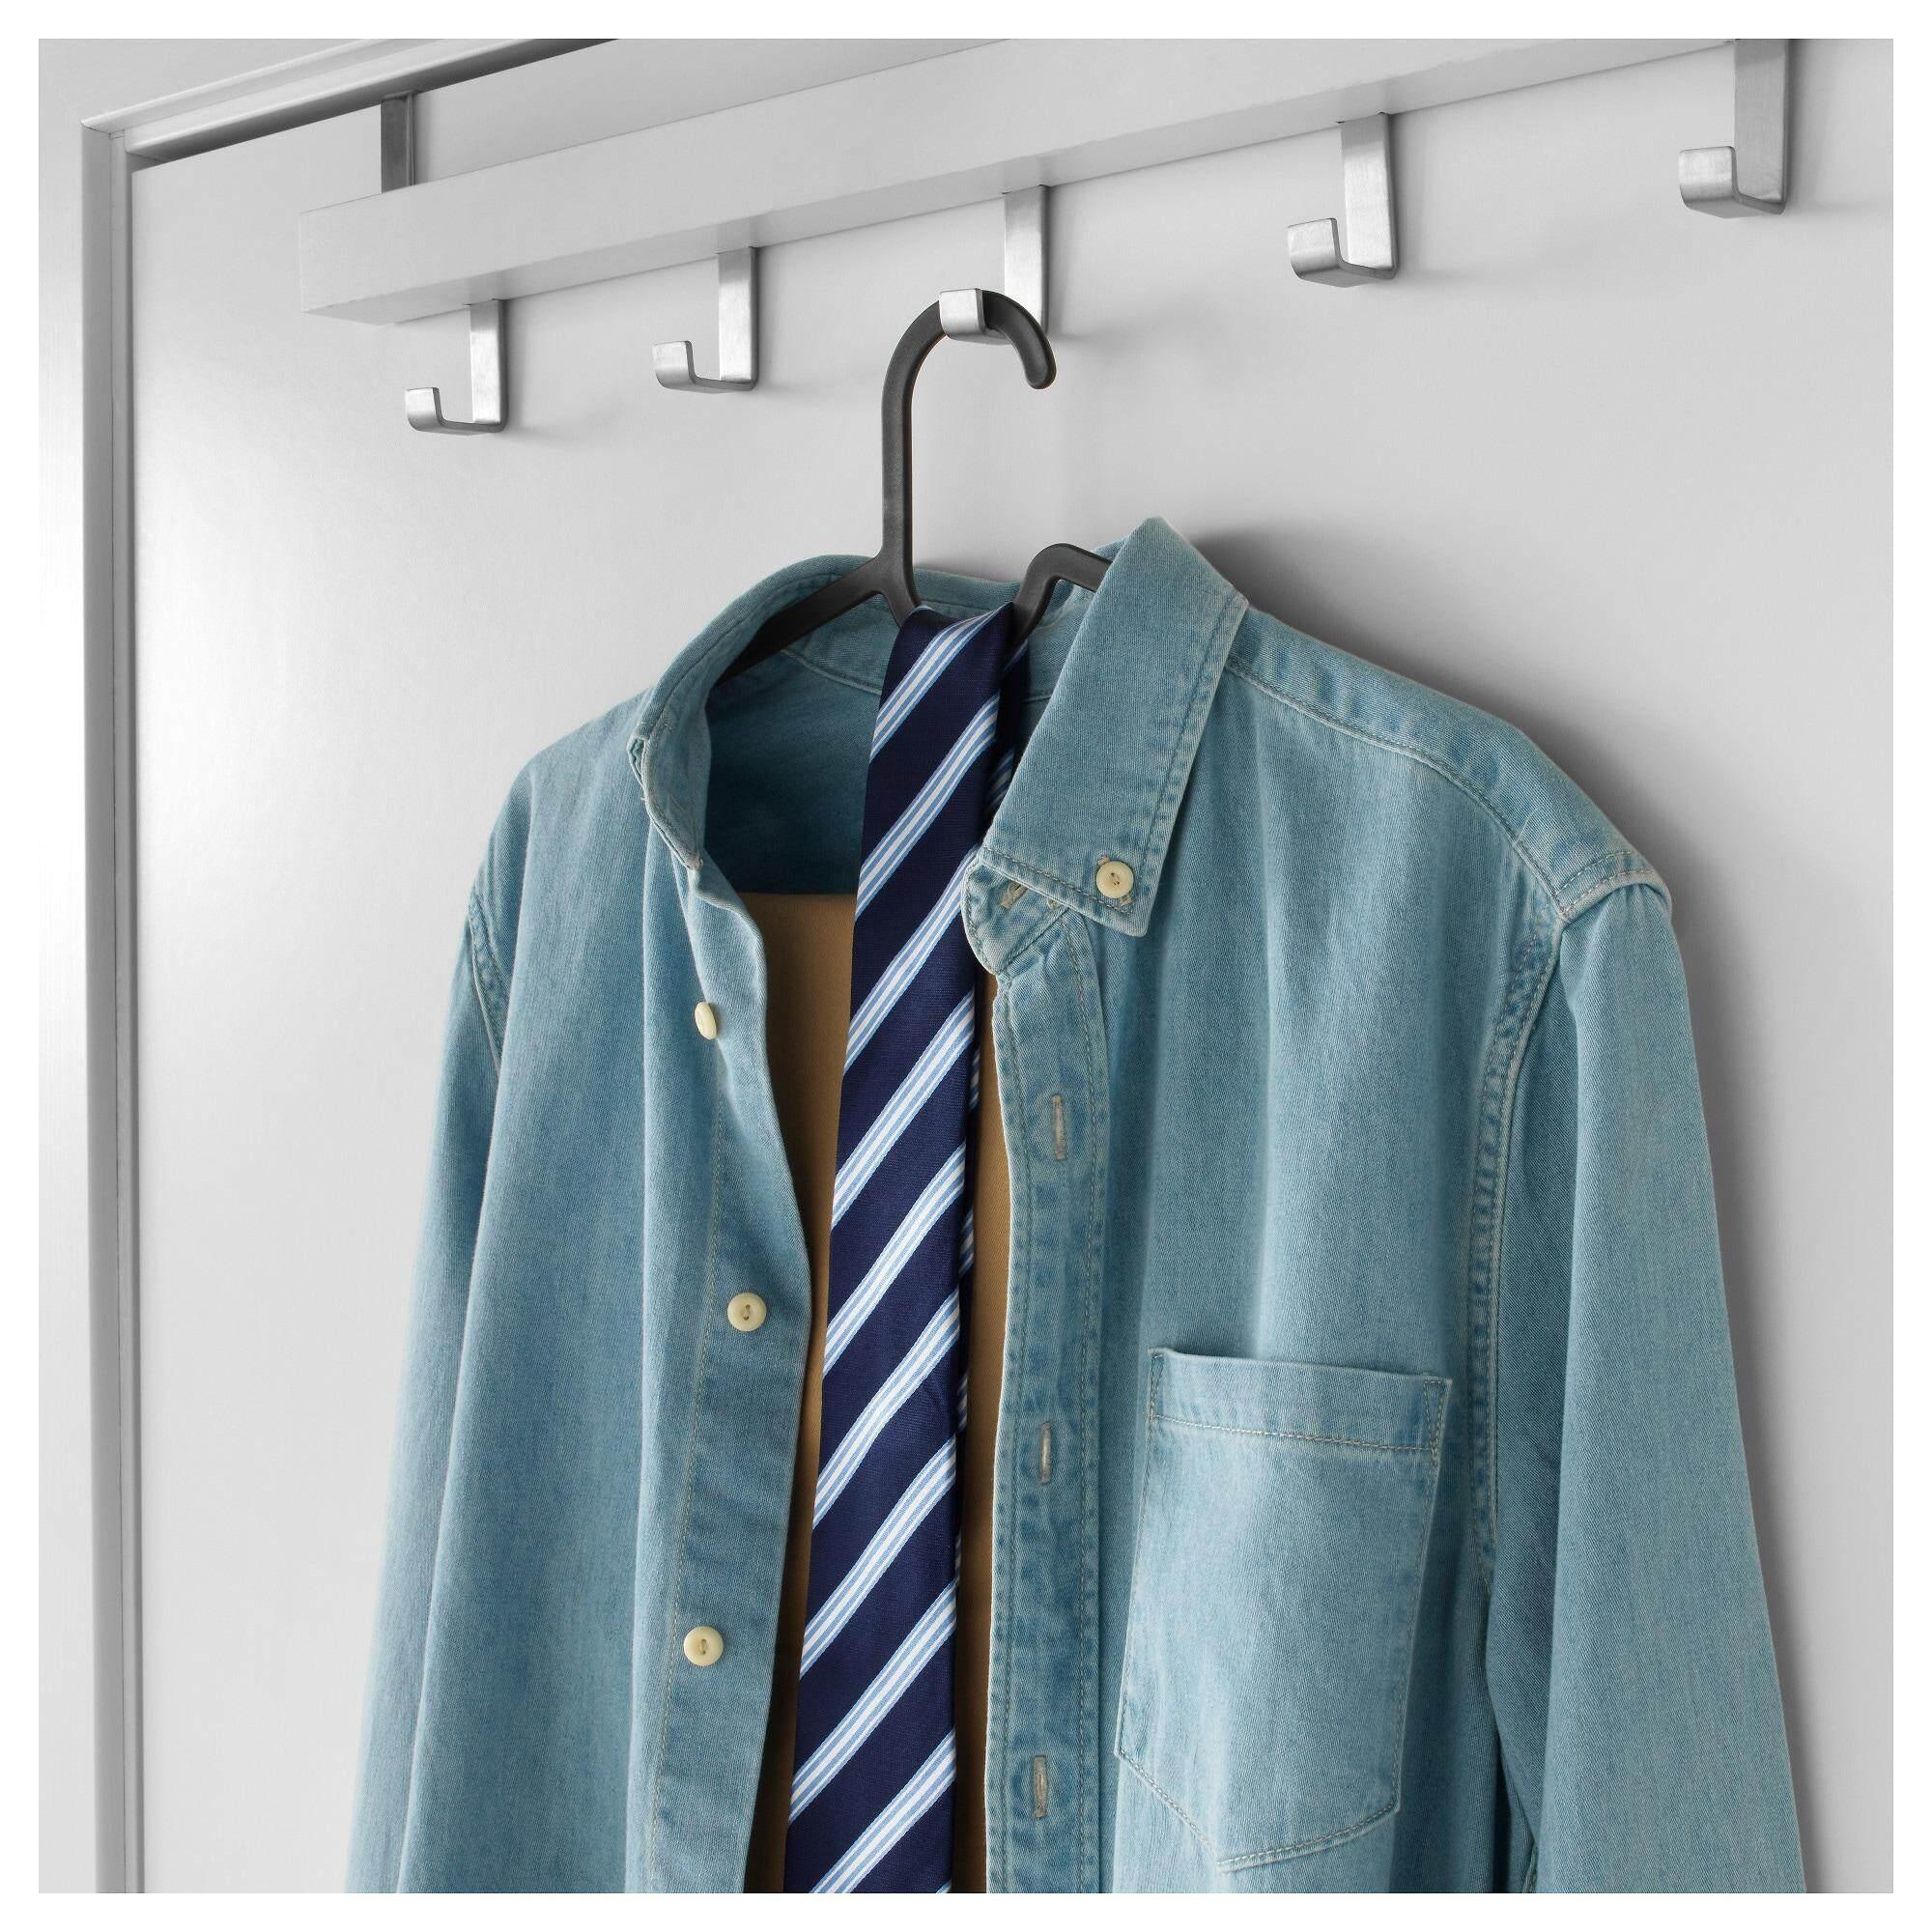 Spruttig สปรุตติก ไม้แขวนเสื้อ ดำ ใช้แขวนได้ทั้งกางเกง กระโปรง By Vvs.